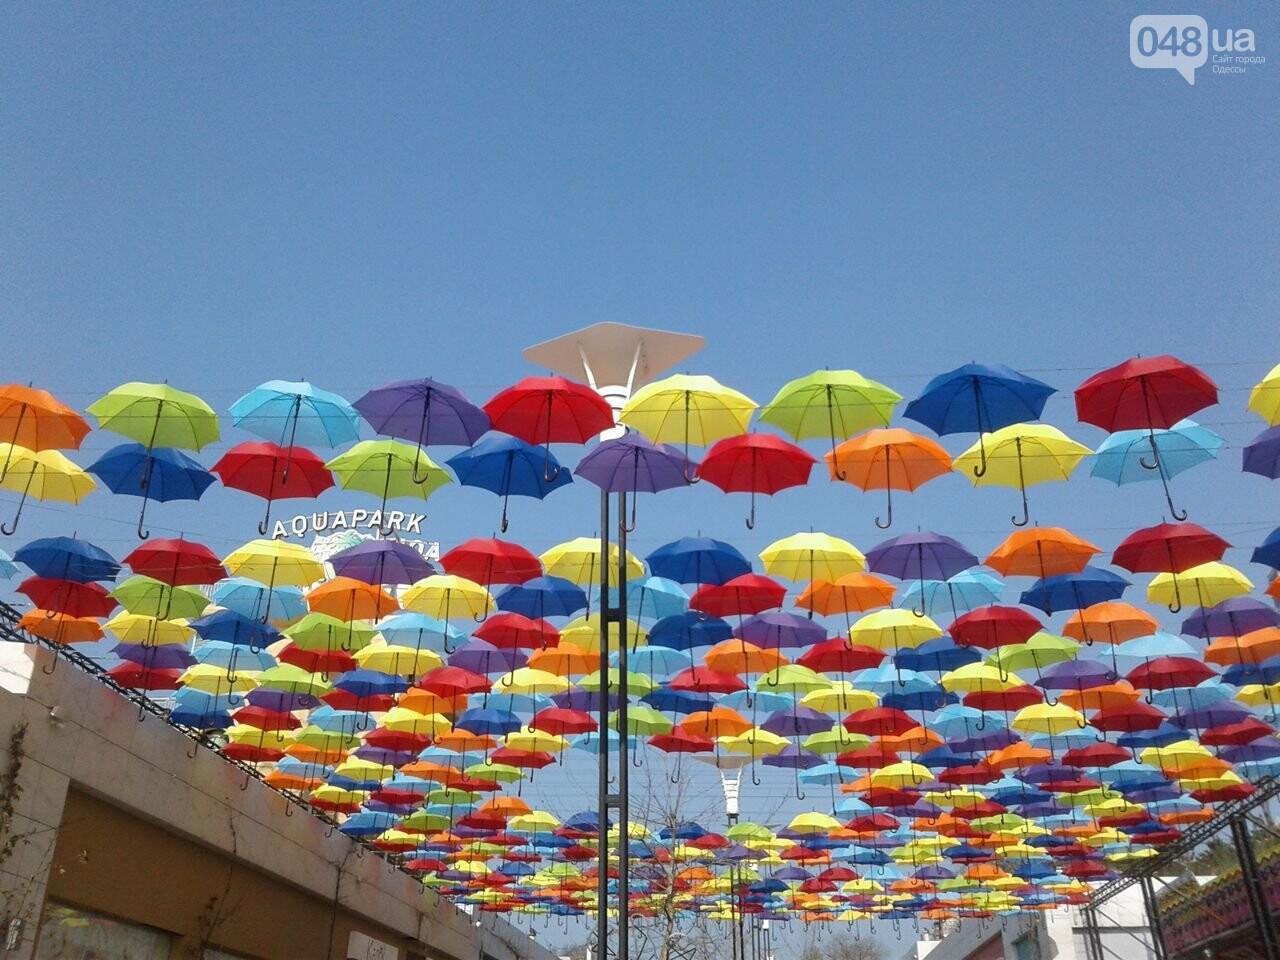 Одесскую Аркадию украсили разноцветные зонты: приходи фотографироваться (ФОТО), фото-4